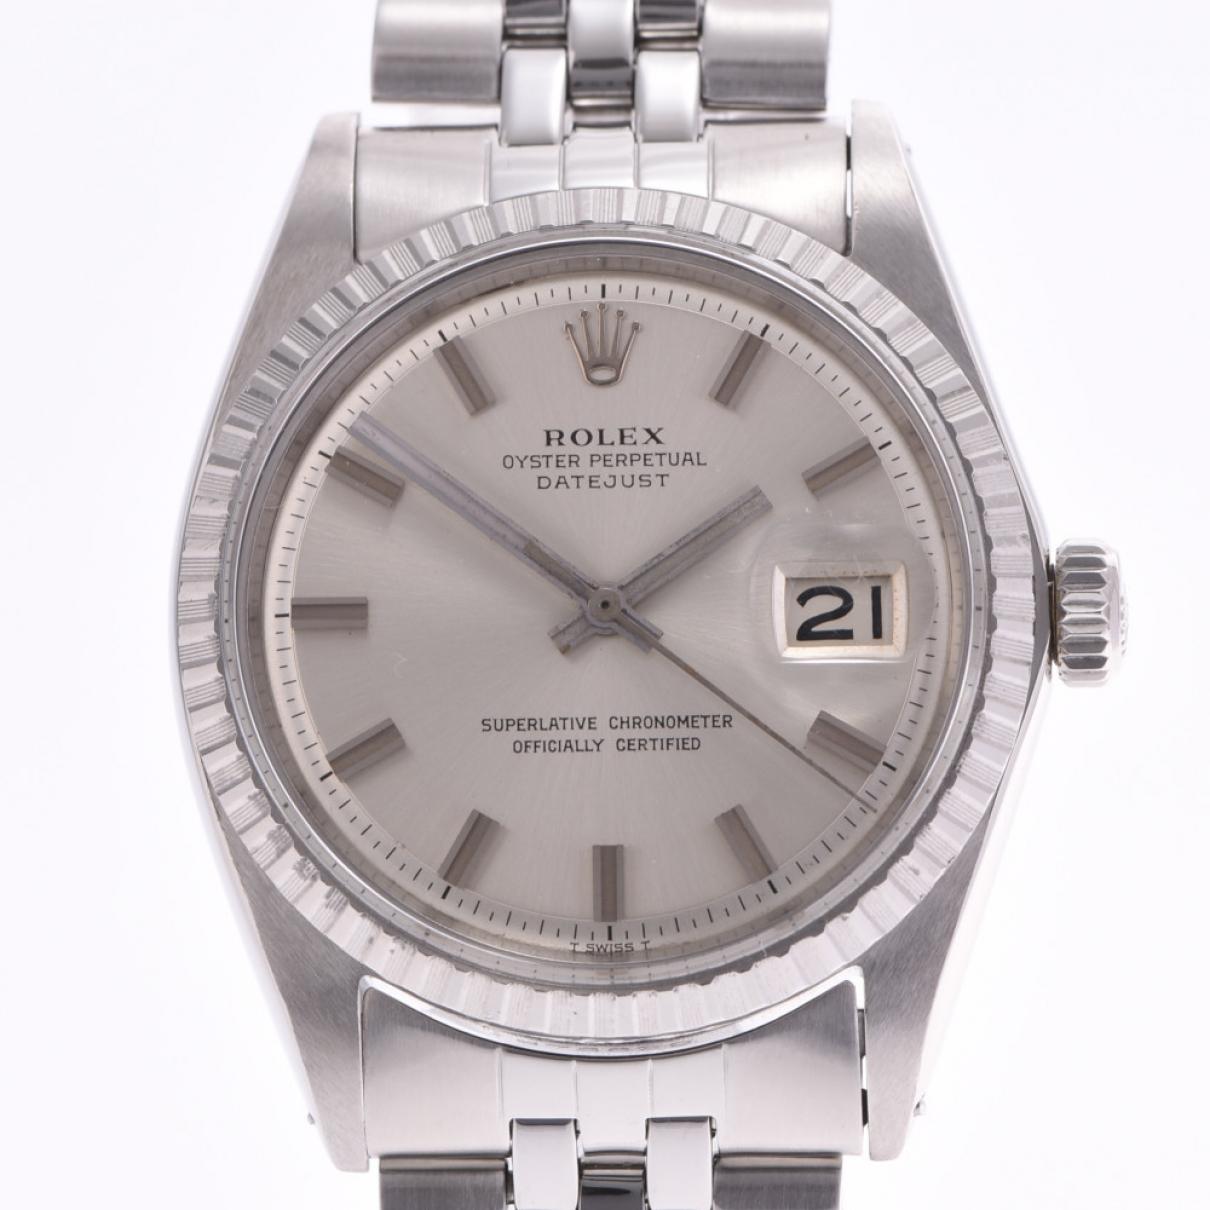 Reloj Datejust 36mm Rolex